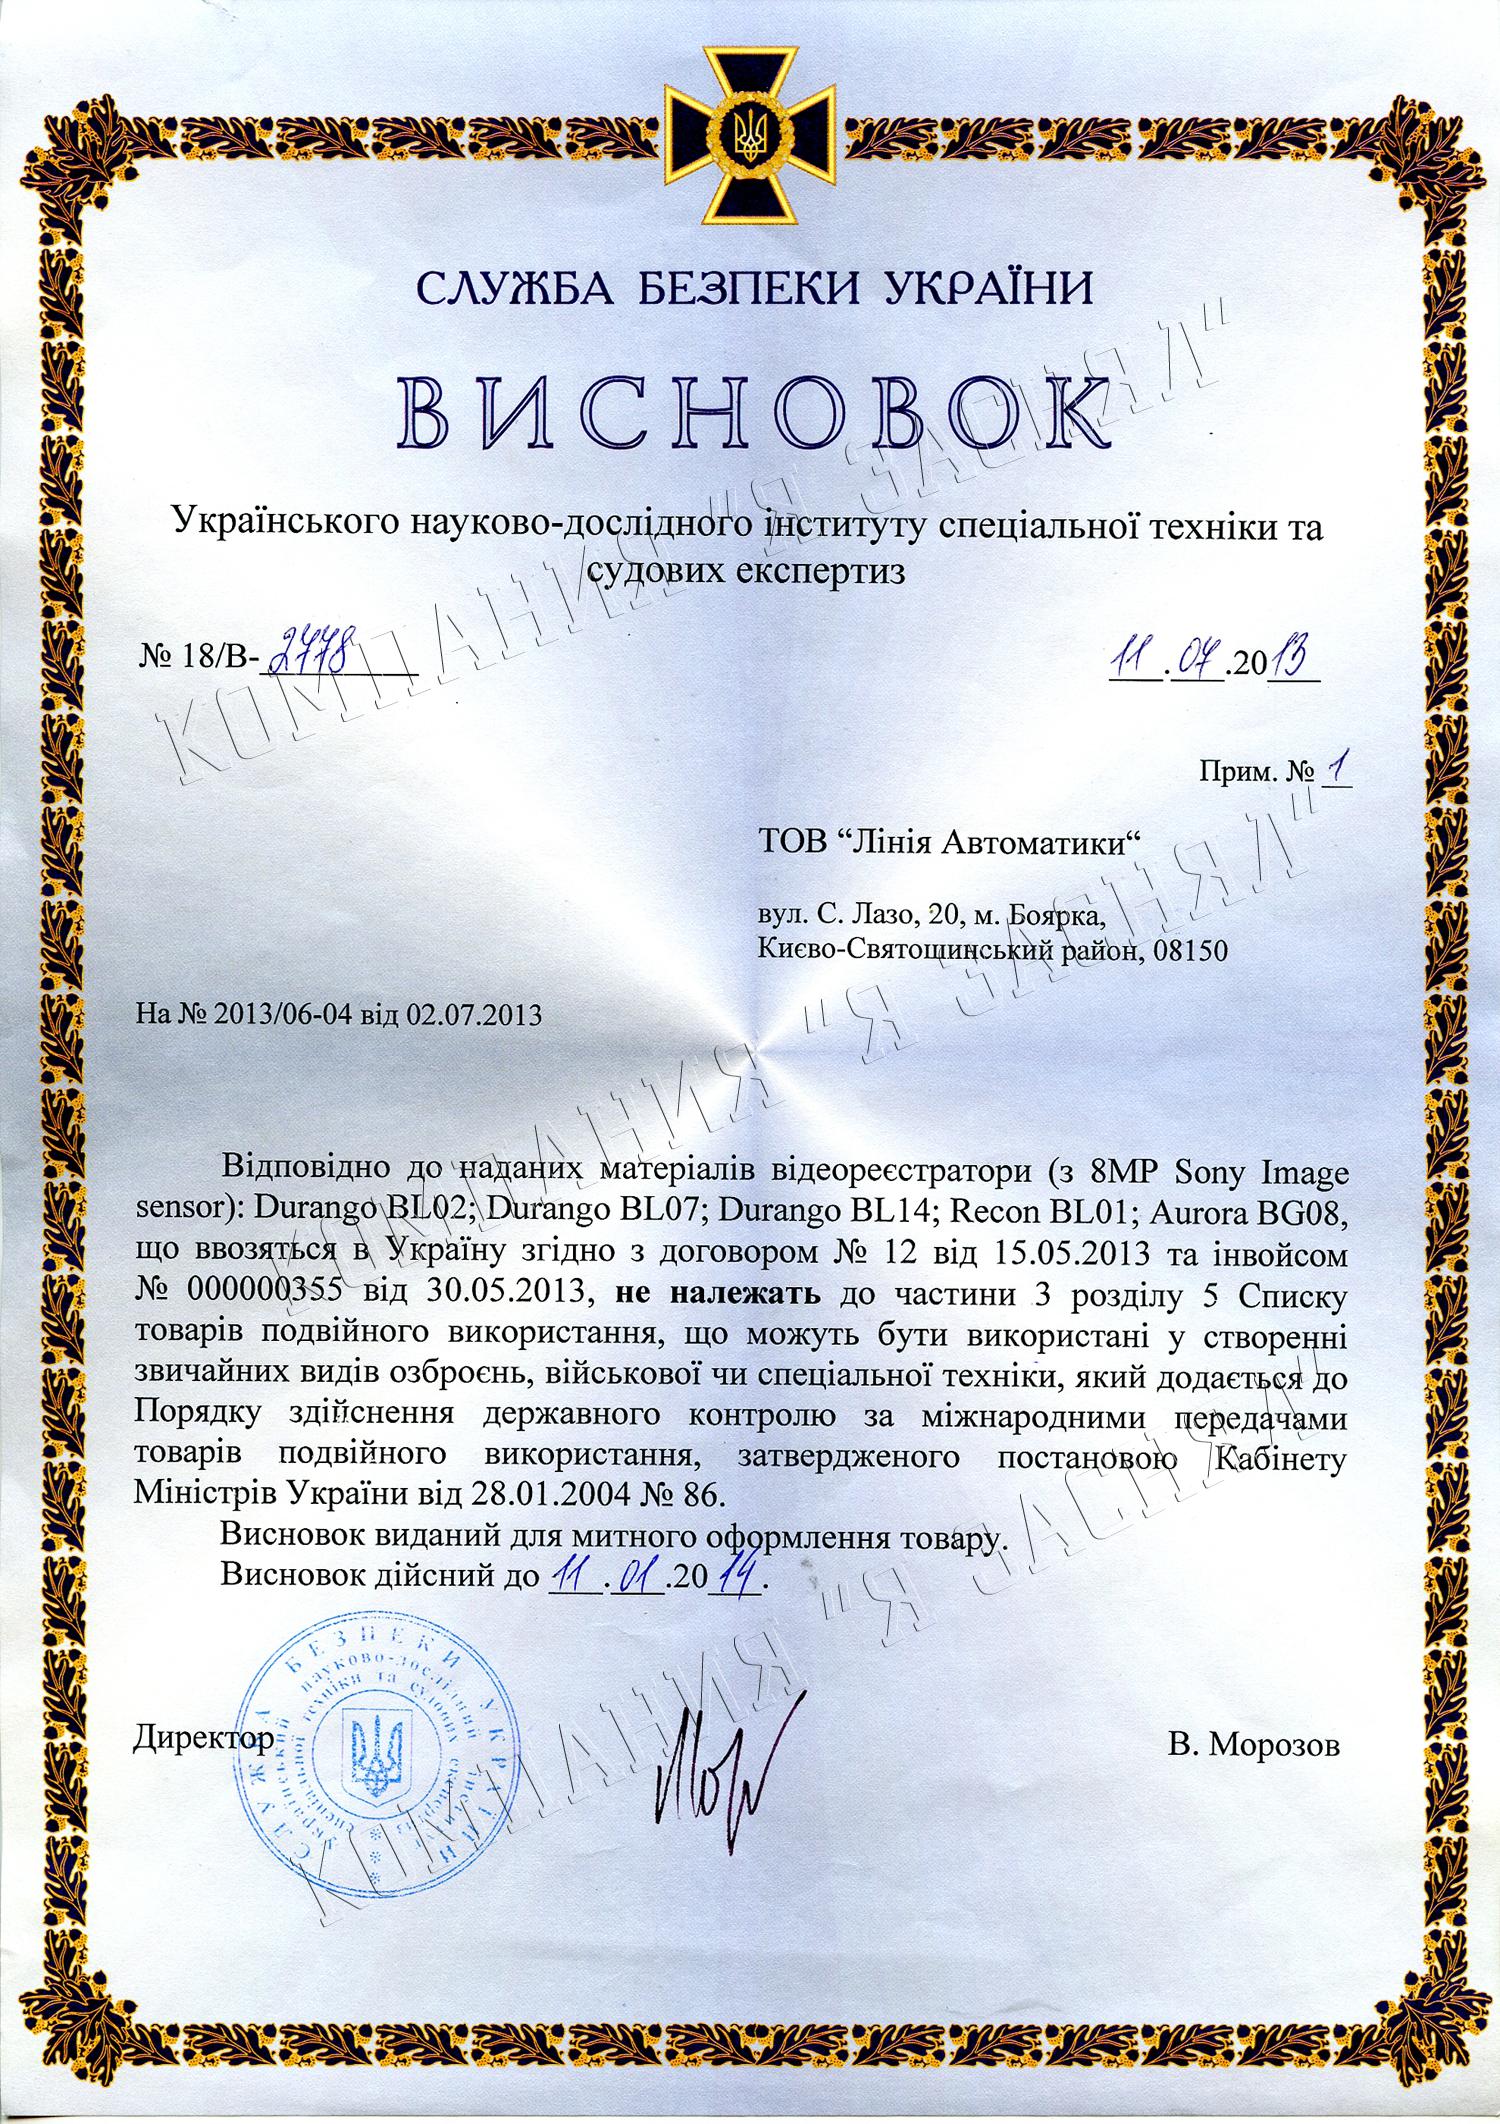 Подтверждение из СБУ и разрешение на продажу очков Pivothead на территории Украины